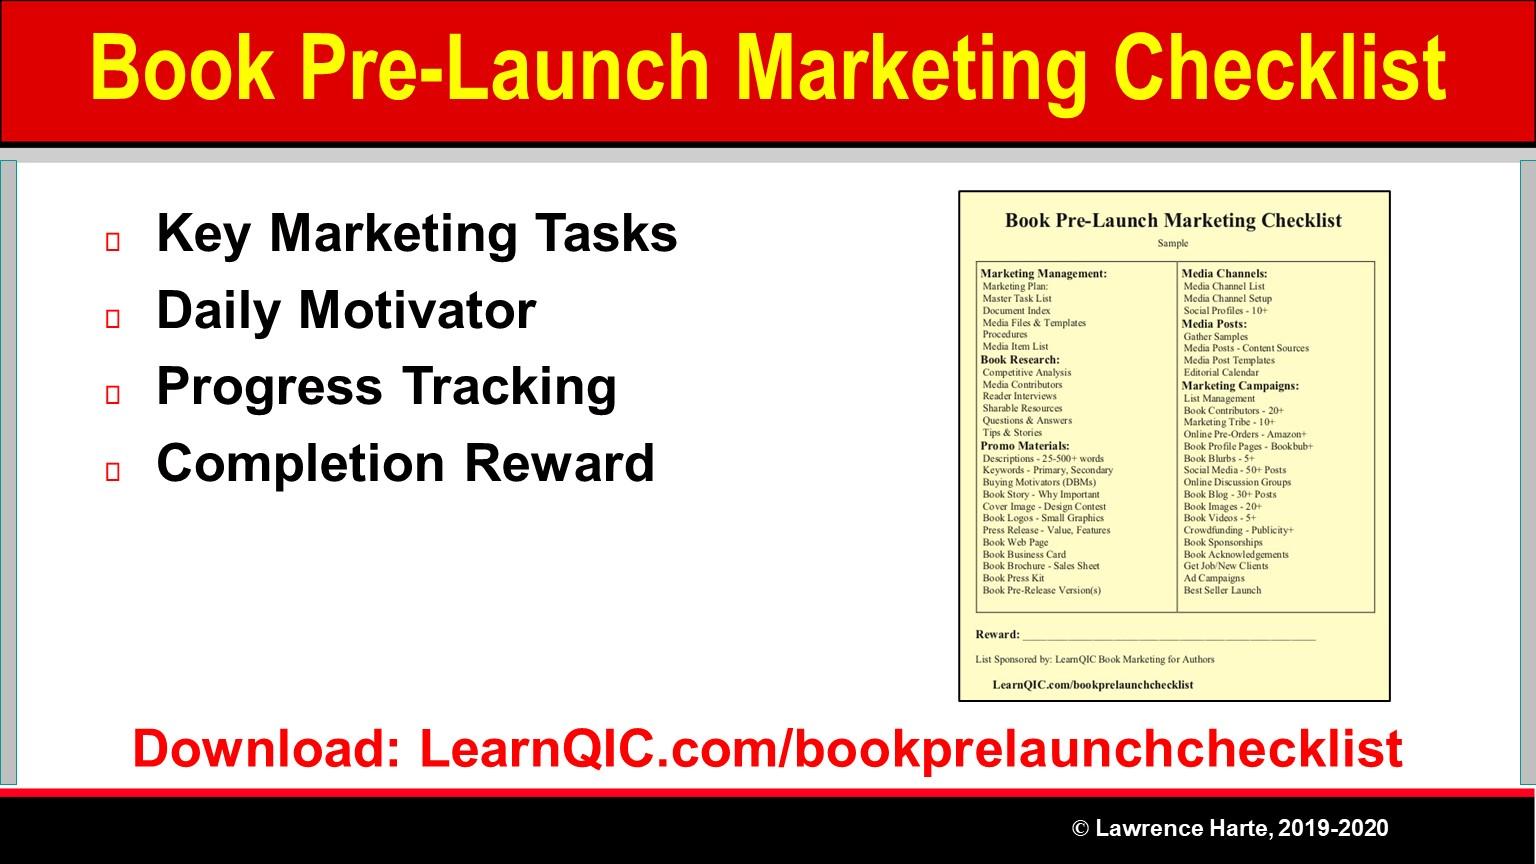 Book Pre-Launch Marketing Task Checklist